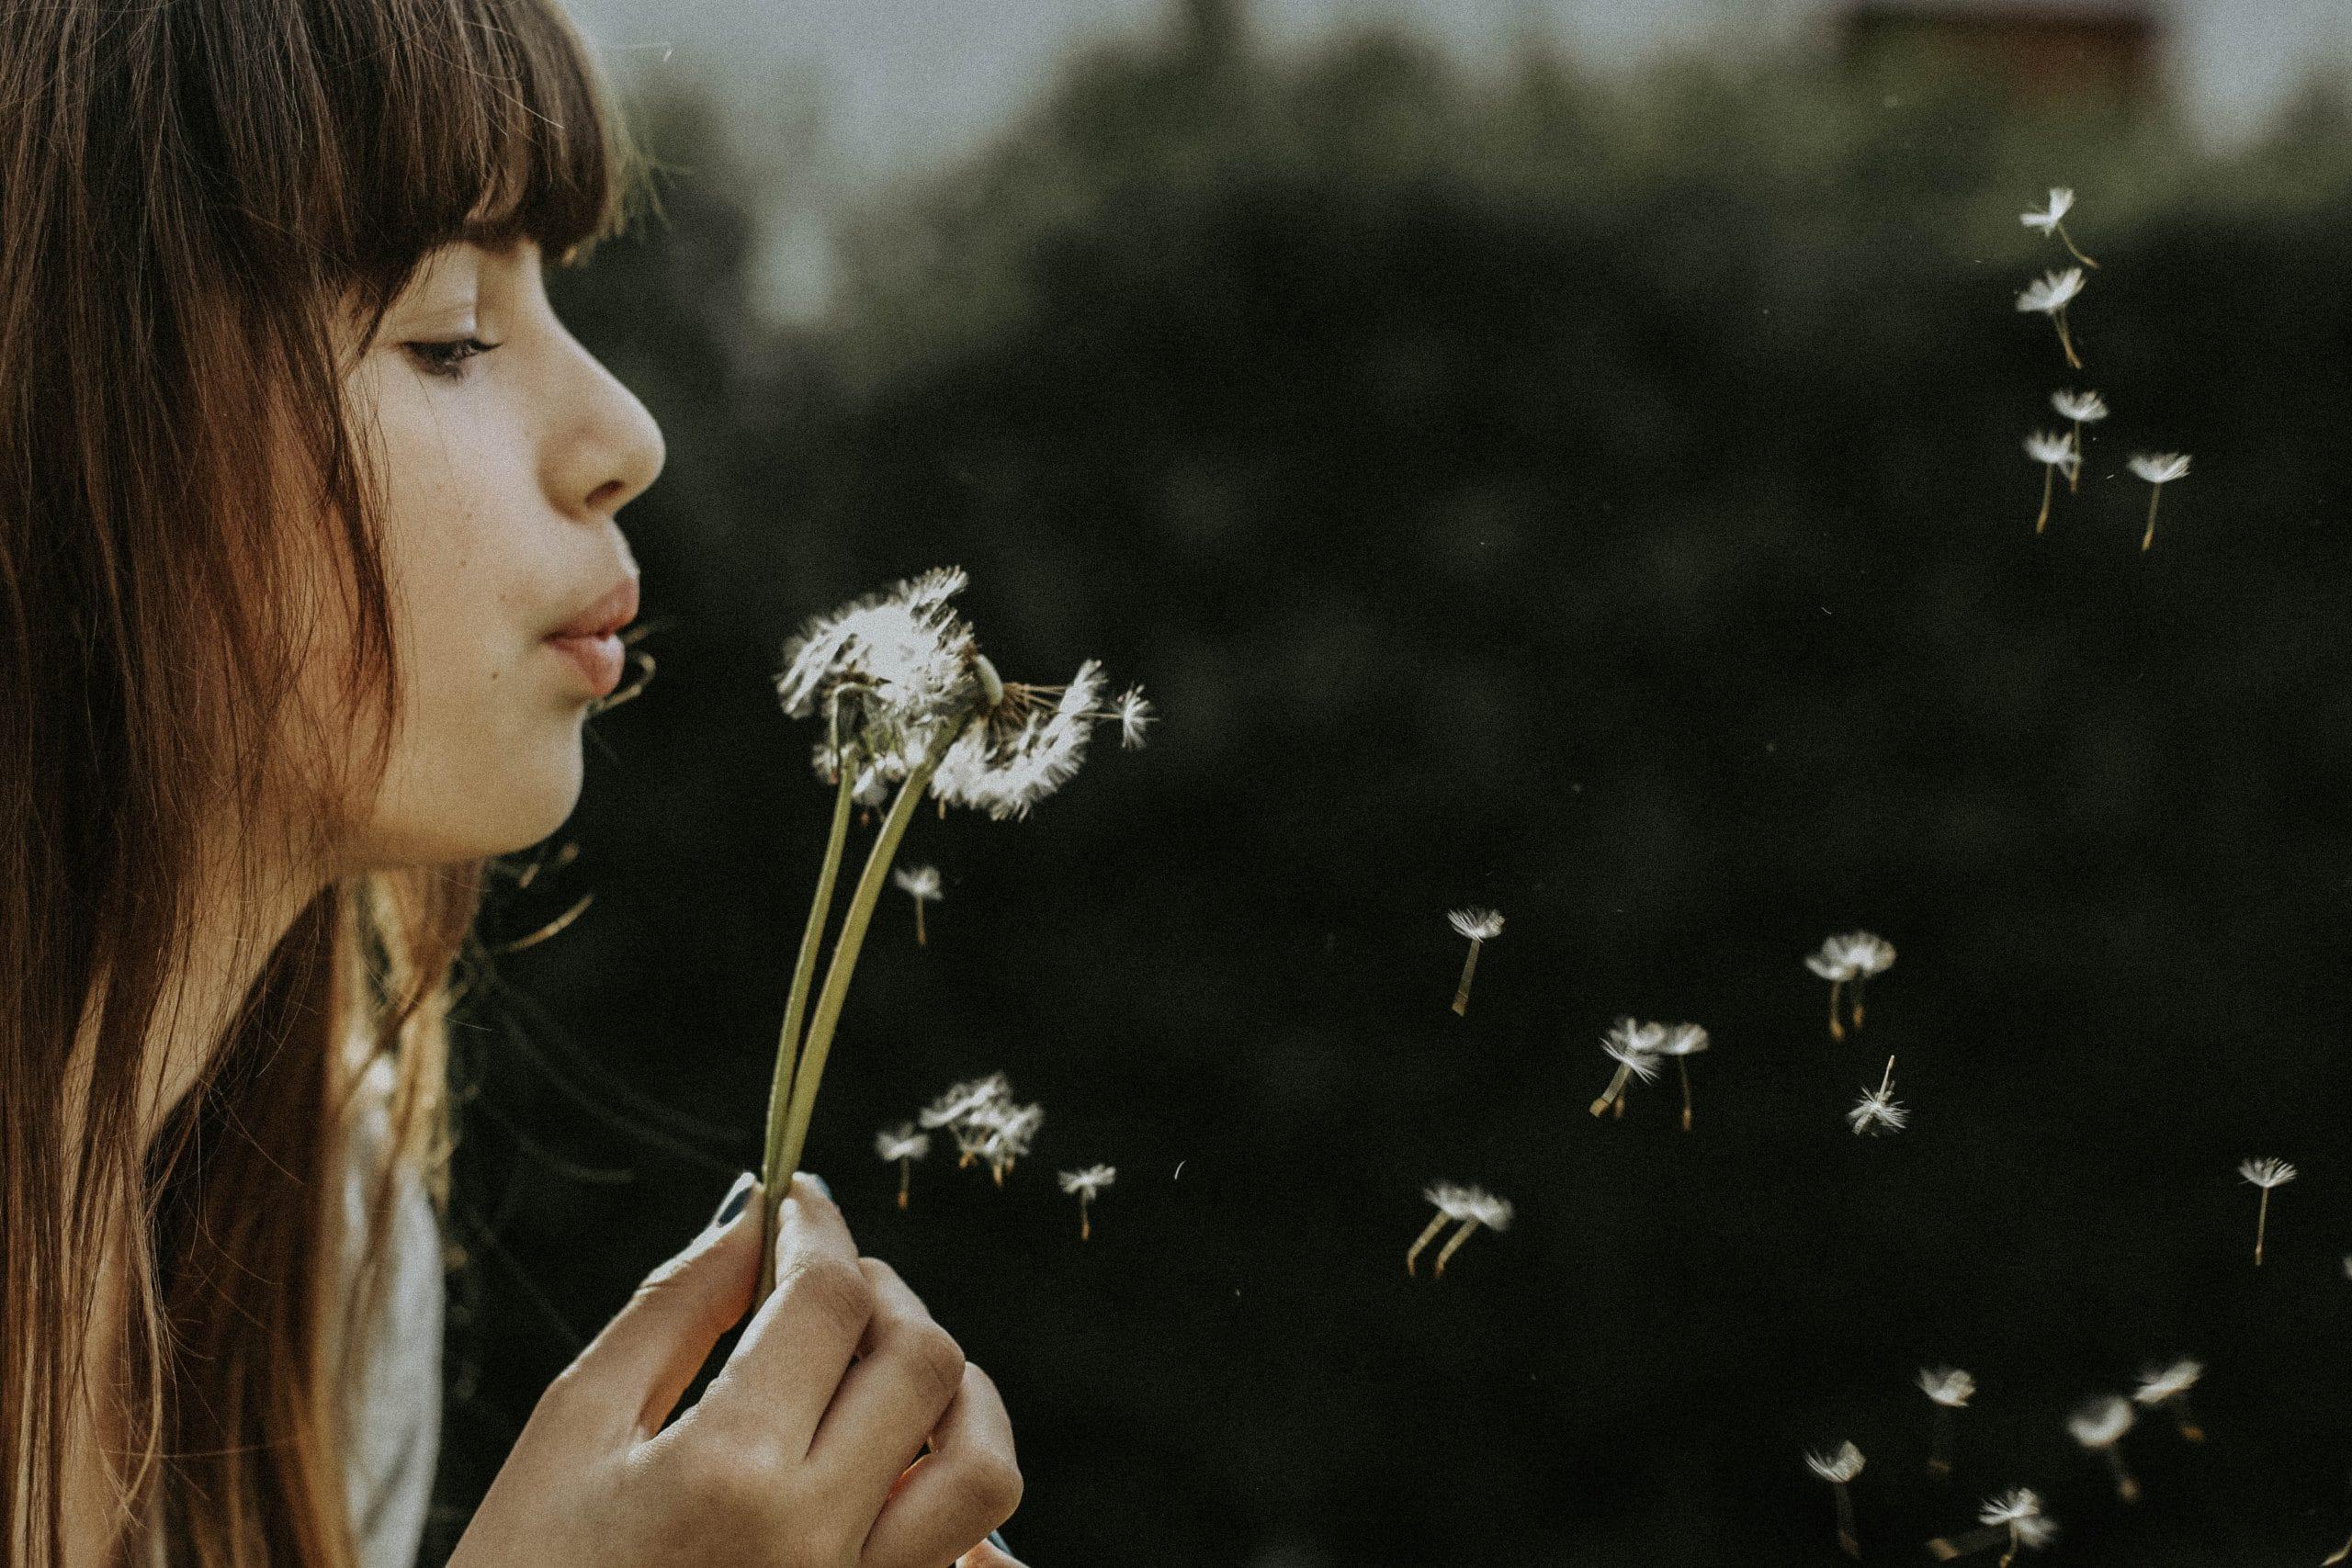 Garota assoprando flor dente-de-leão